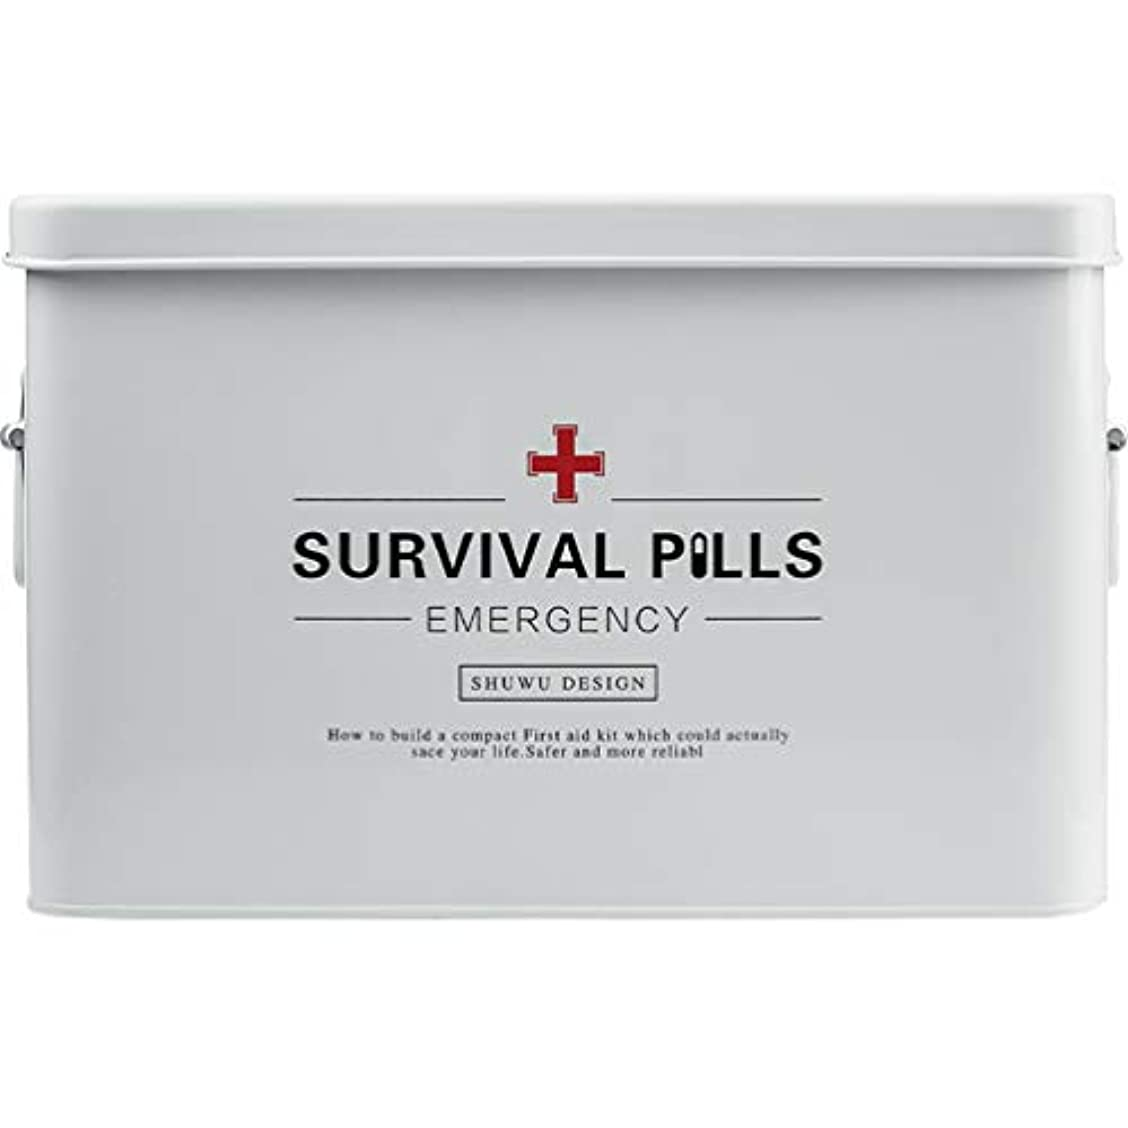 影響力のあるスペース法医学薬箱 多機能金属 救急箱ハンドル付き 家族応急処置 収納,白,二重層